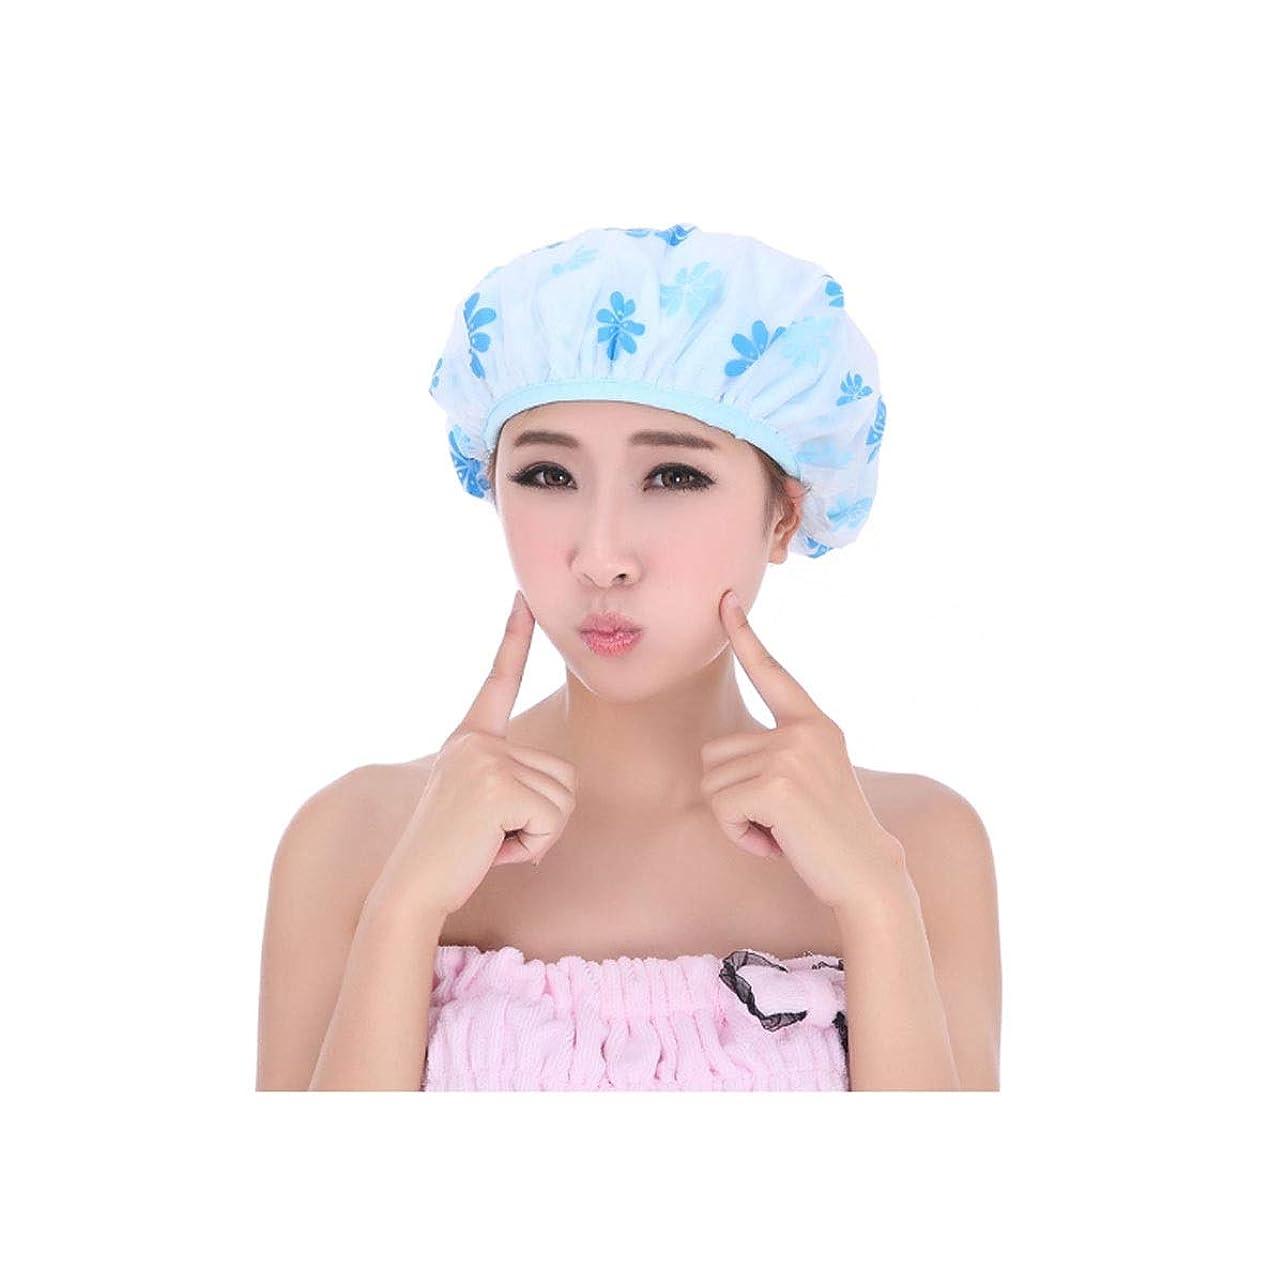 石化する宣言常習的HENGTONGTONGXUN シャワーキャップ、シャワーキャップ防水シャワーキャップ、成人女性のシャワーキャップ、スリーインワン拡大シャワーキャップ、二層オイルキャップ、ヘアマスクシャワーキャップ ブルー、ピンク、 (Color : Blue)